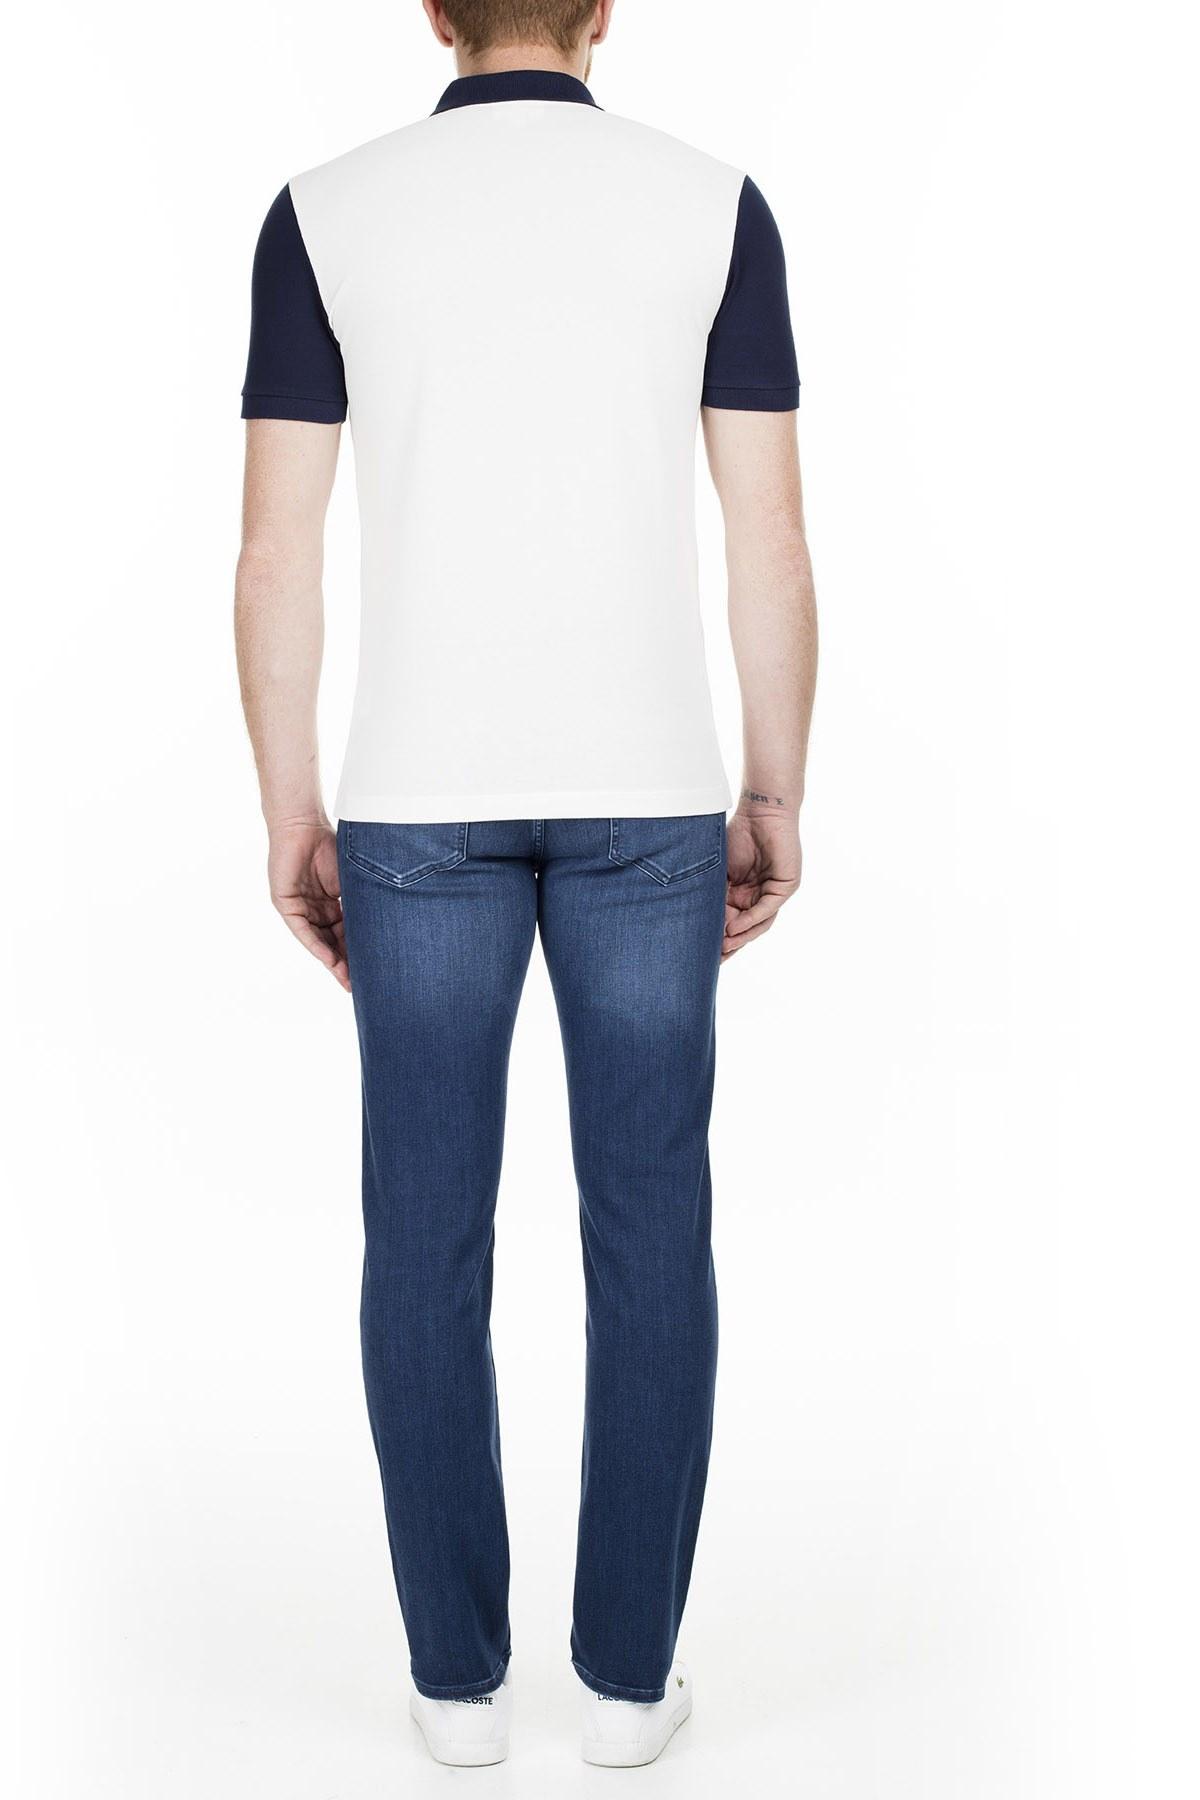 Lacoste Slim Fit Jeans Erkek Kot Pantolon HH0010 10L İNDİGO